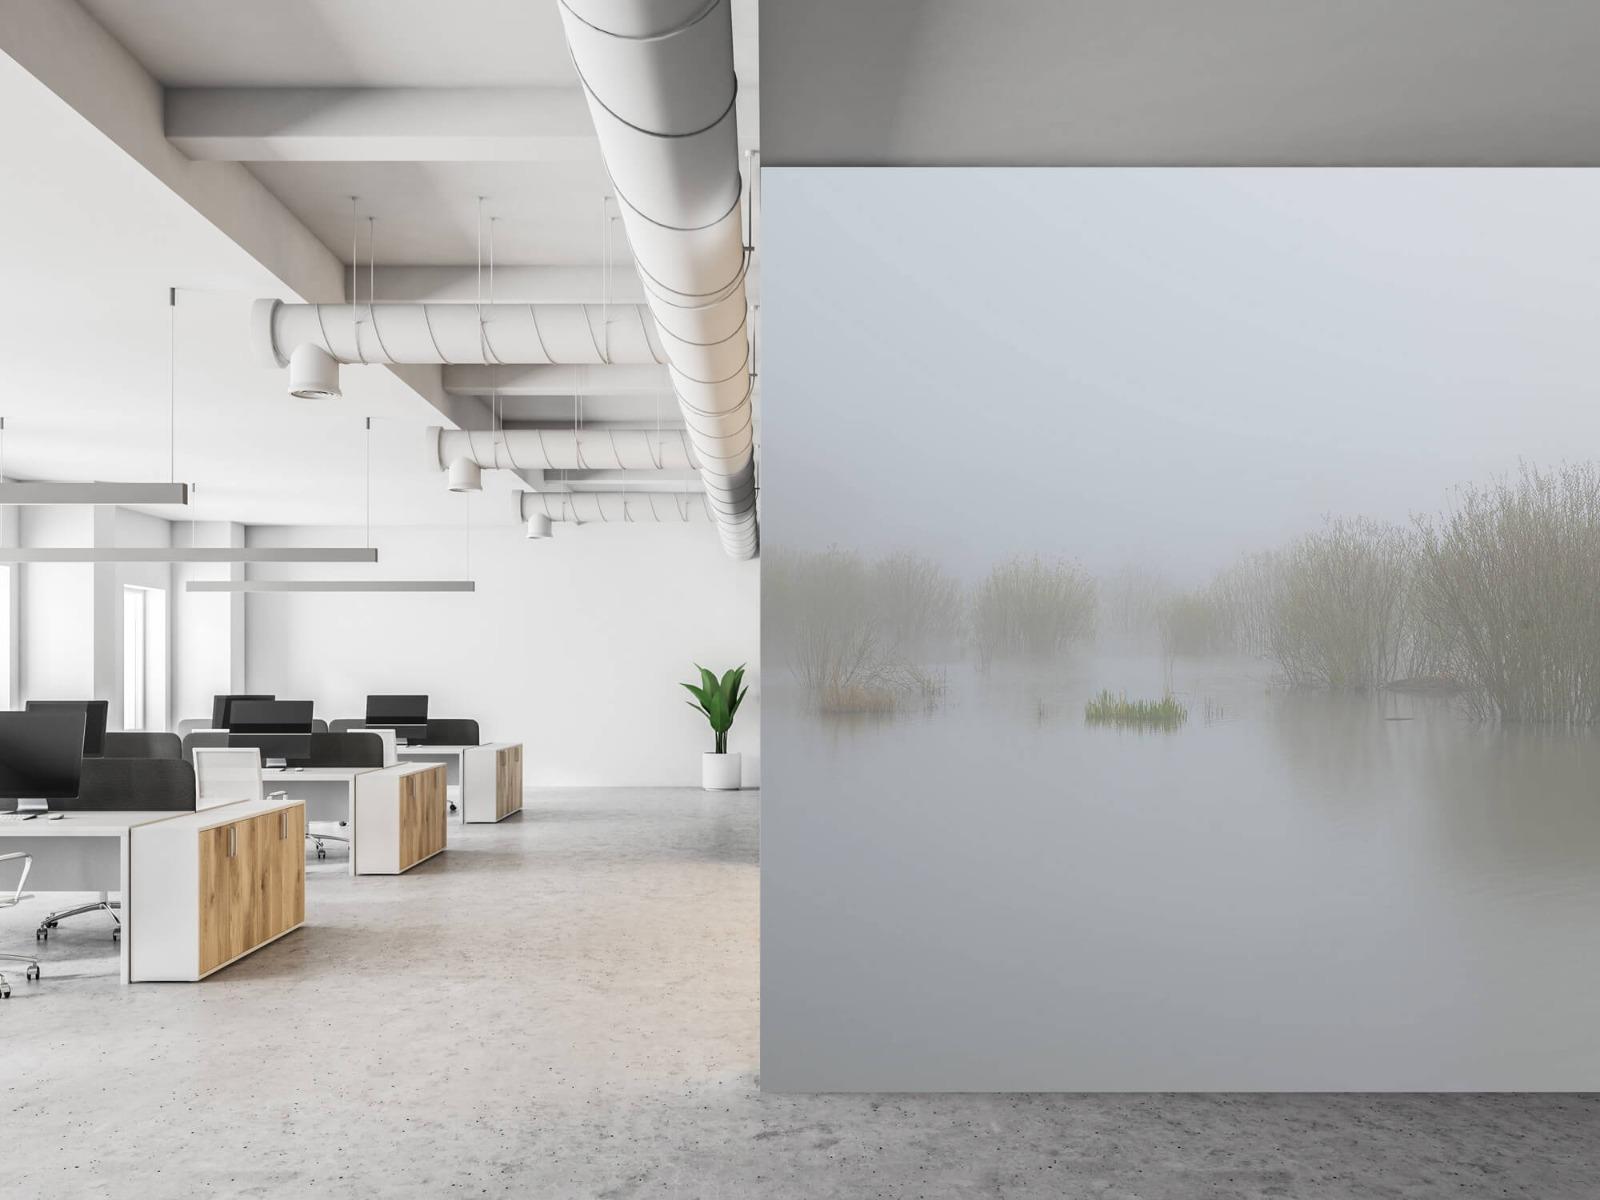 Landschap - Mist in natuurgebied - Slaapkamer 21